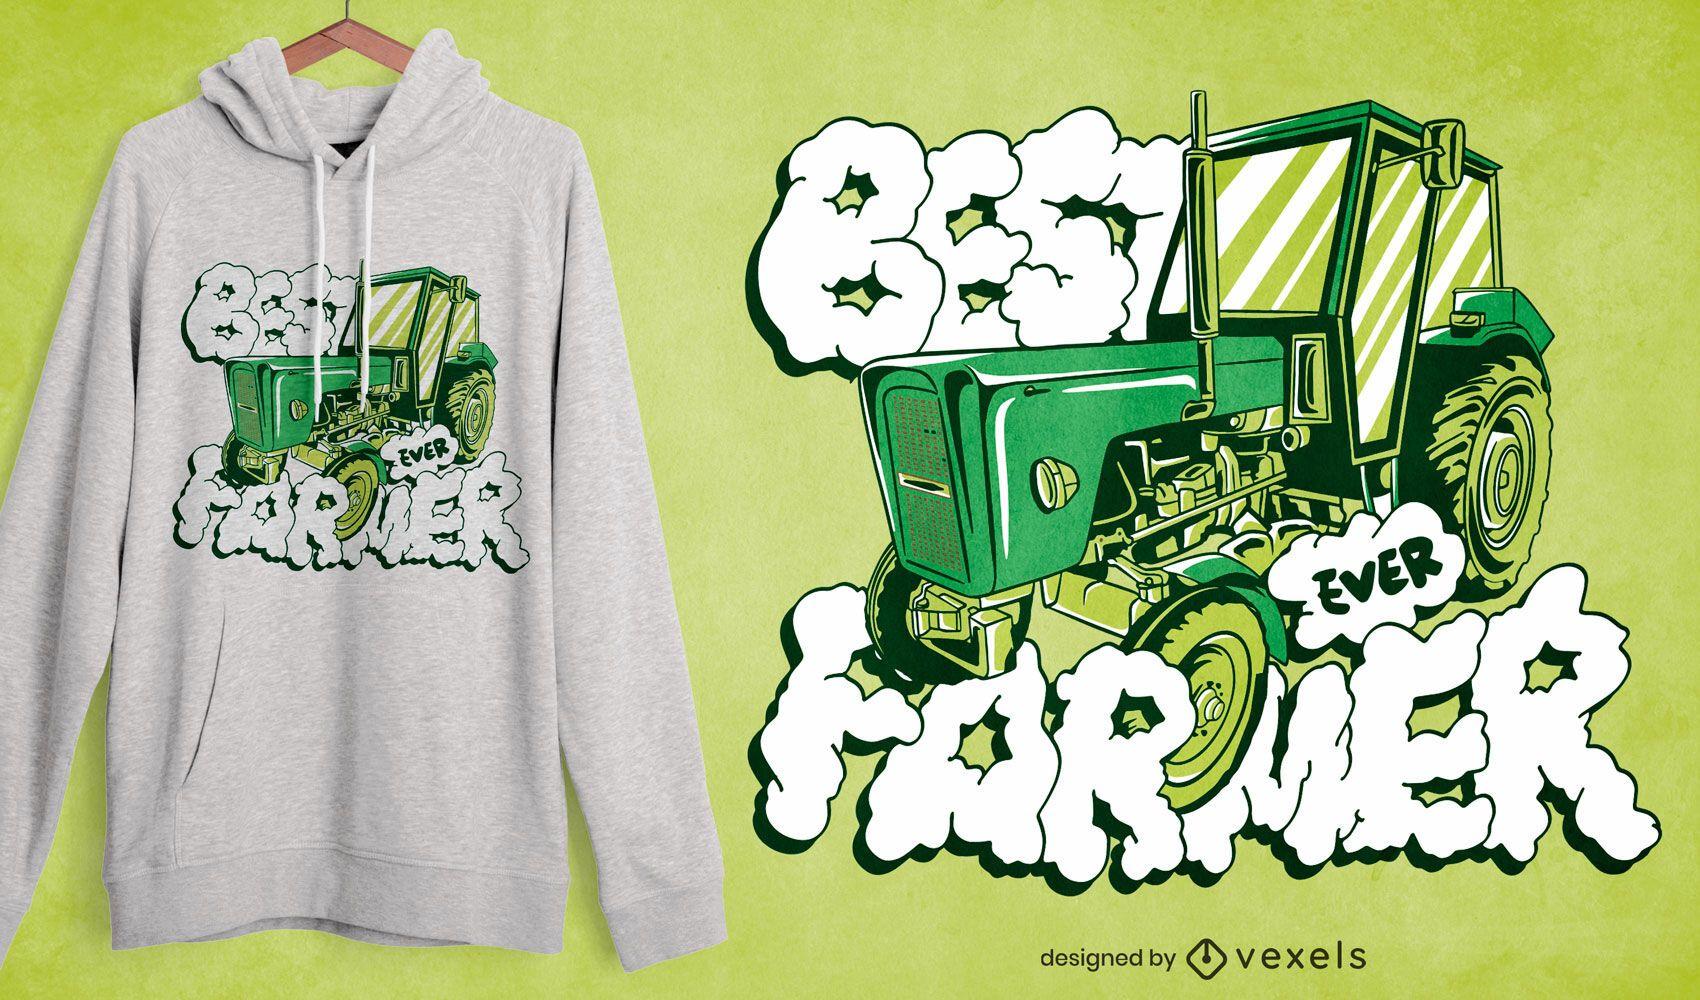 Best farmer ever t-shirt design